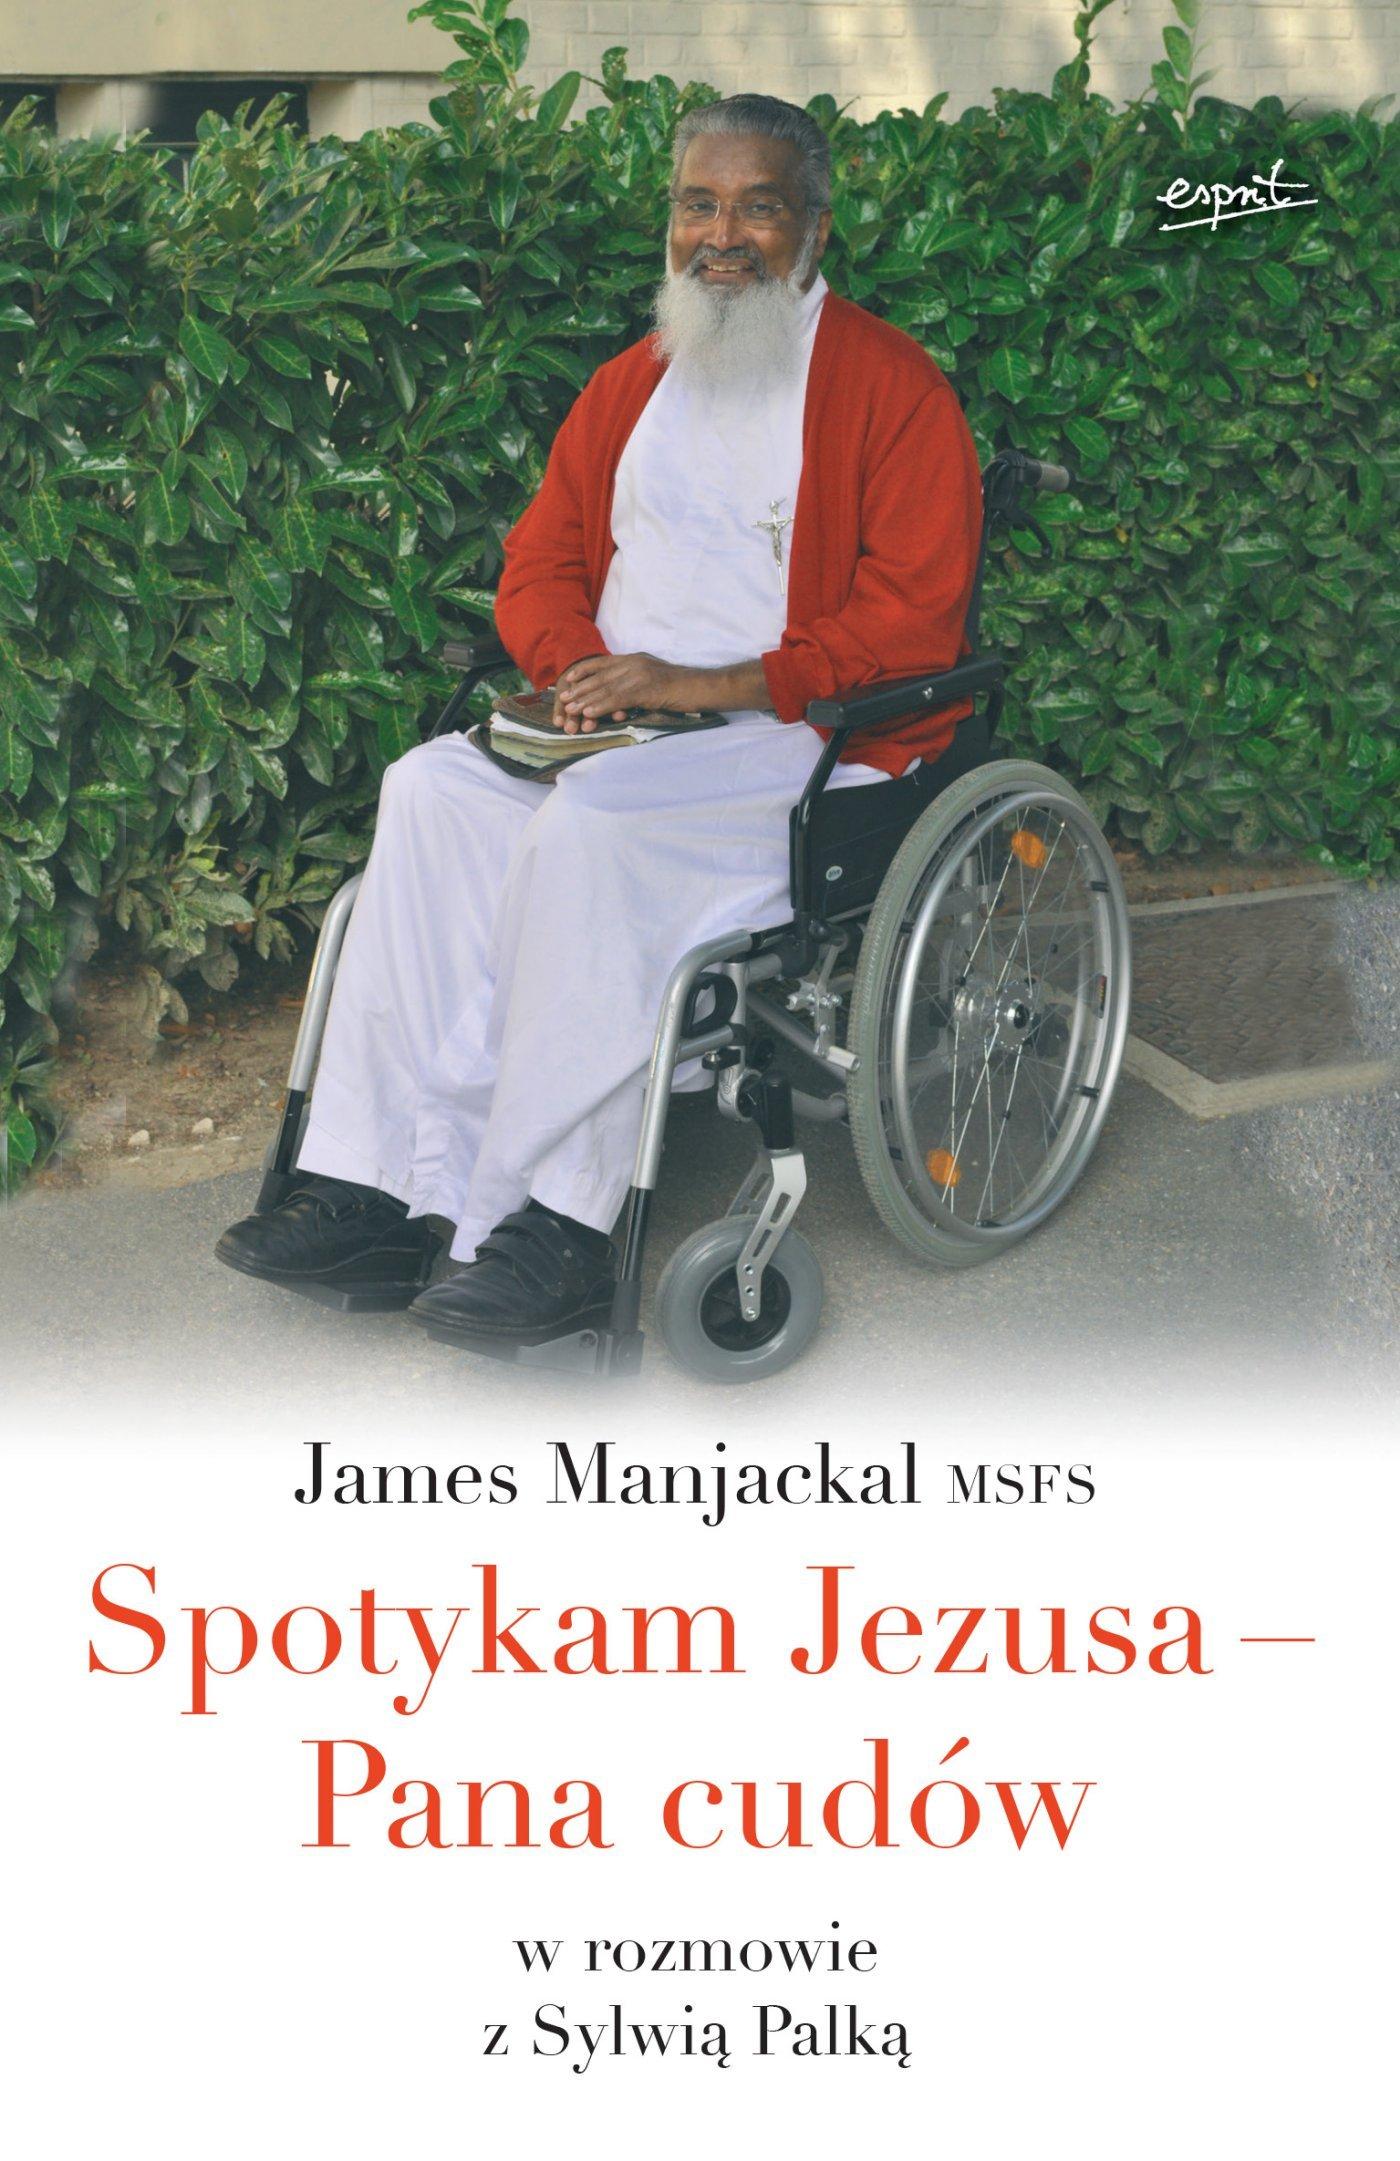 Spotykam Jezusa - Pana cudów - Ebook (Książka EPUB) do pobrania w formacie EPUB